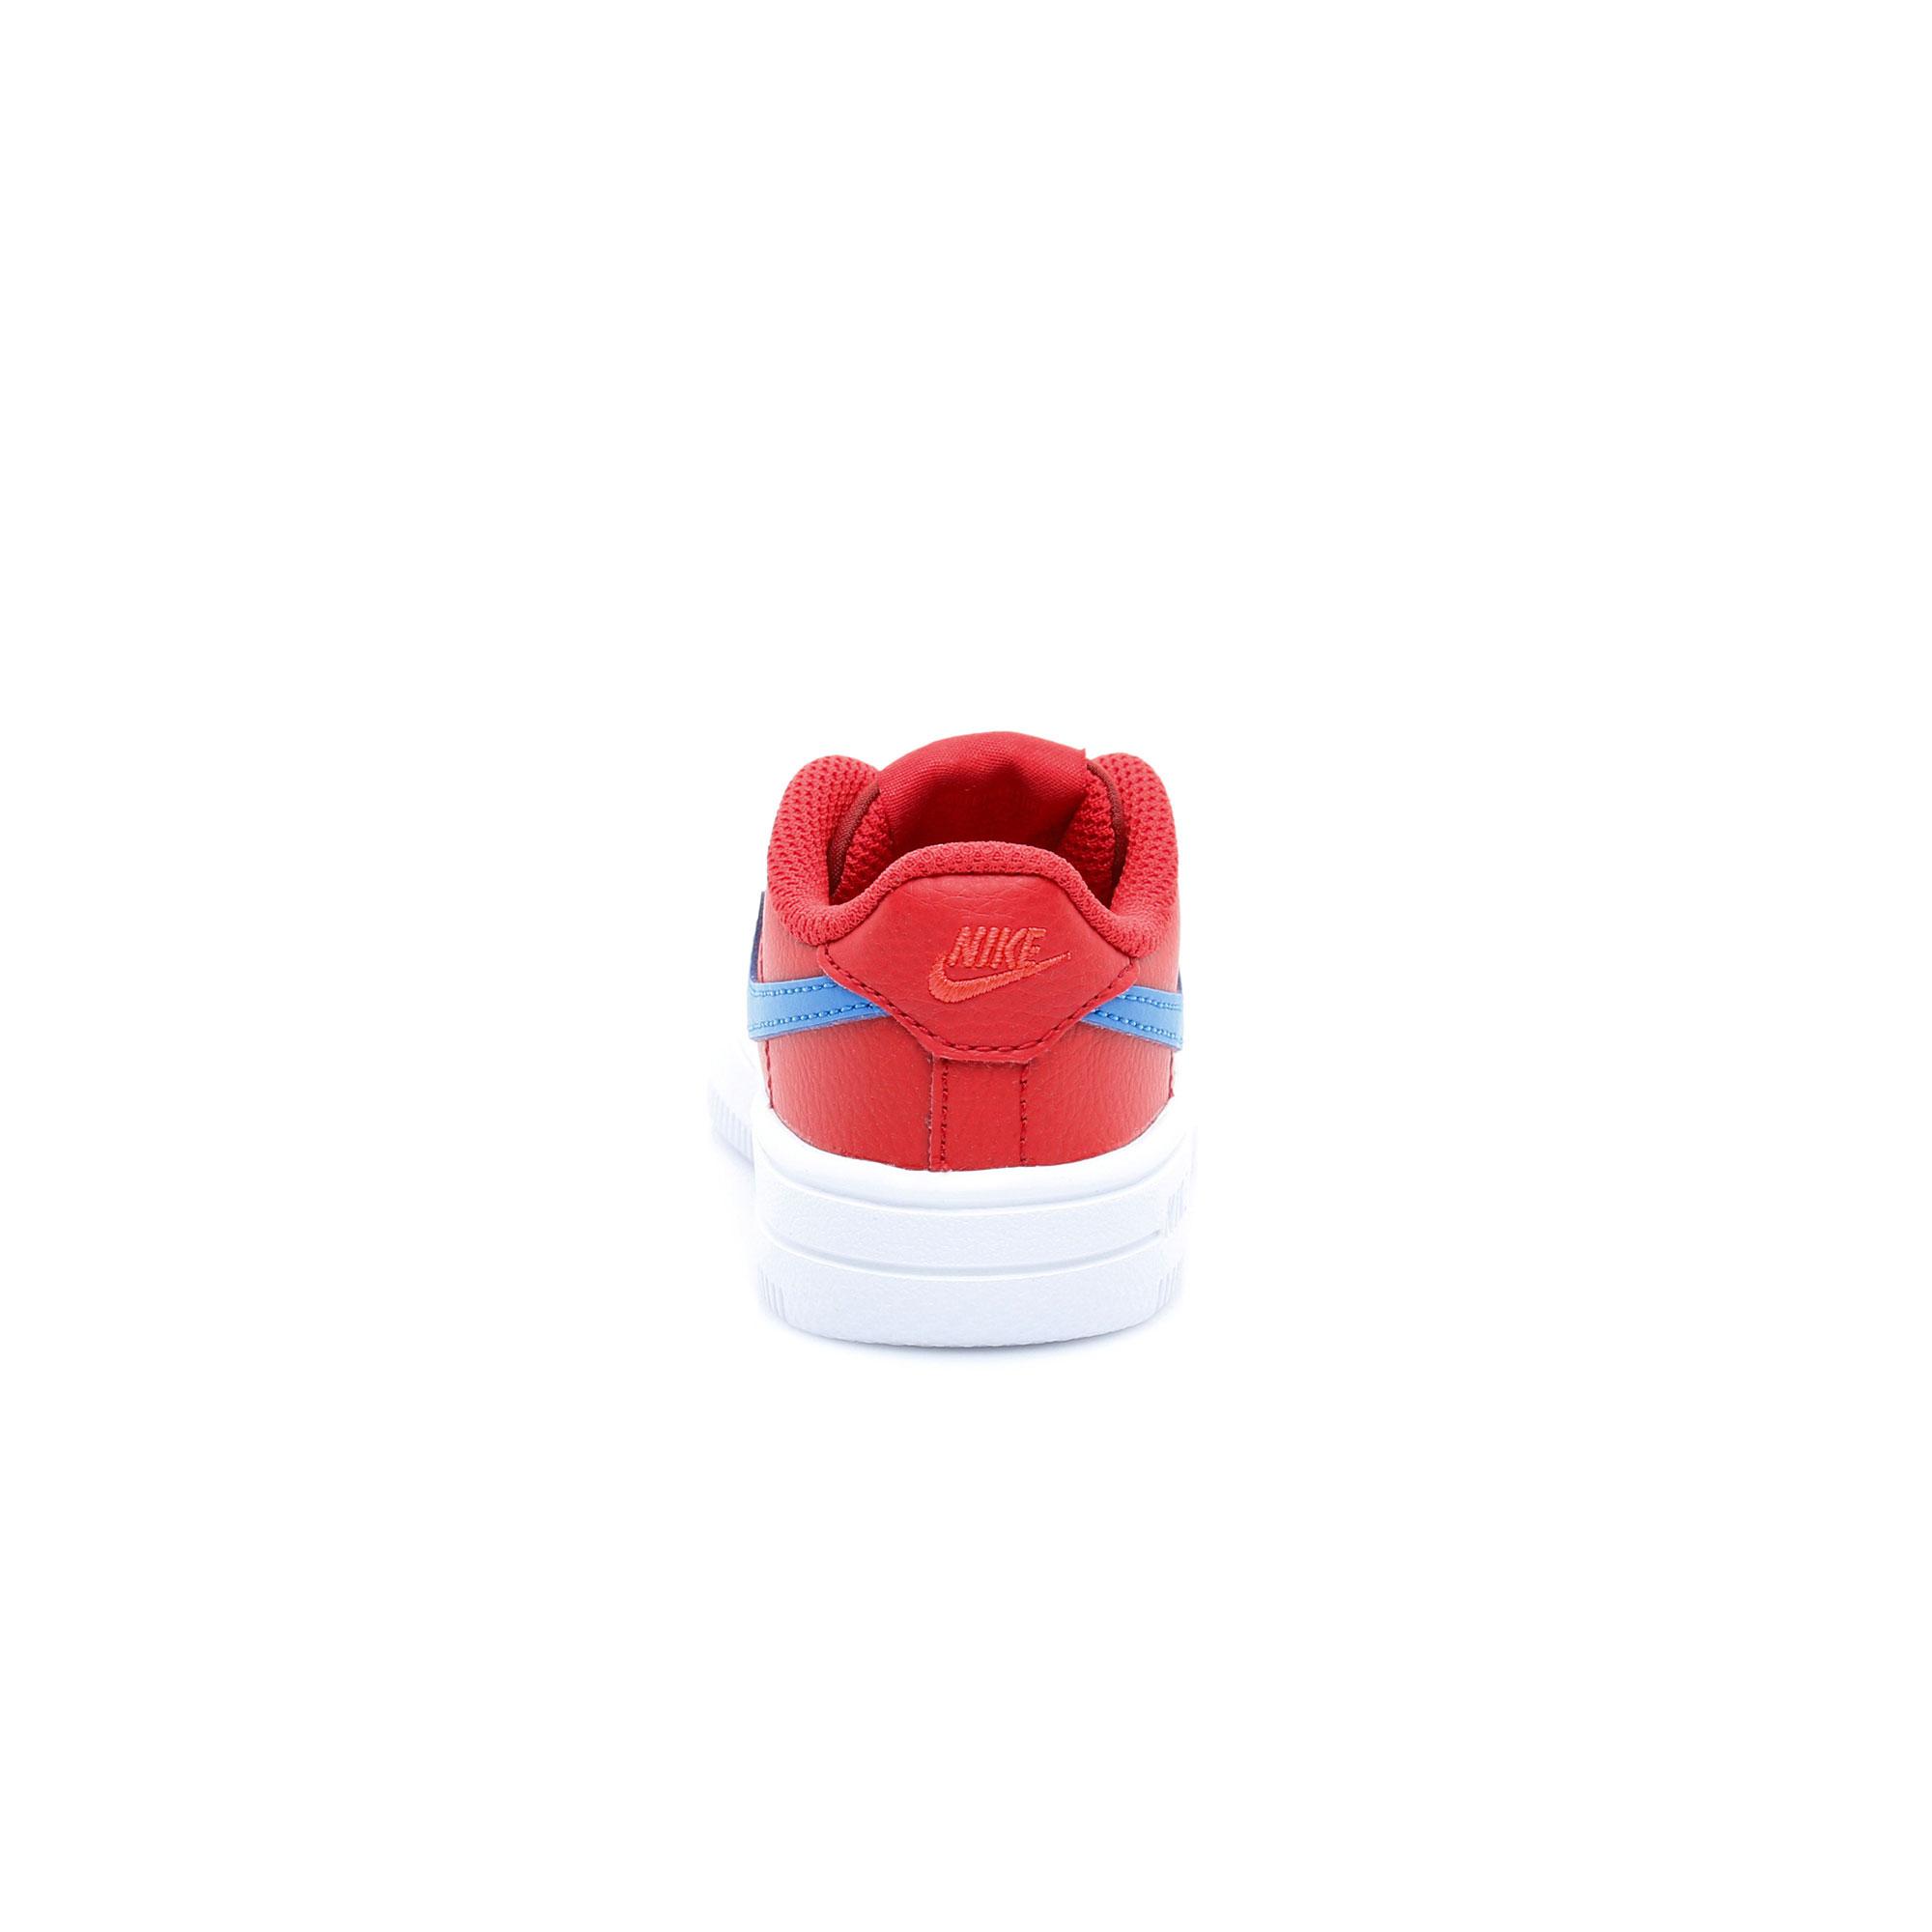 Nike Force 1 '18 Çocuk Kırmızı Spor Ayakkabı